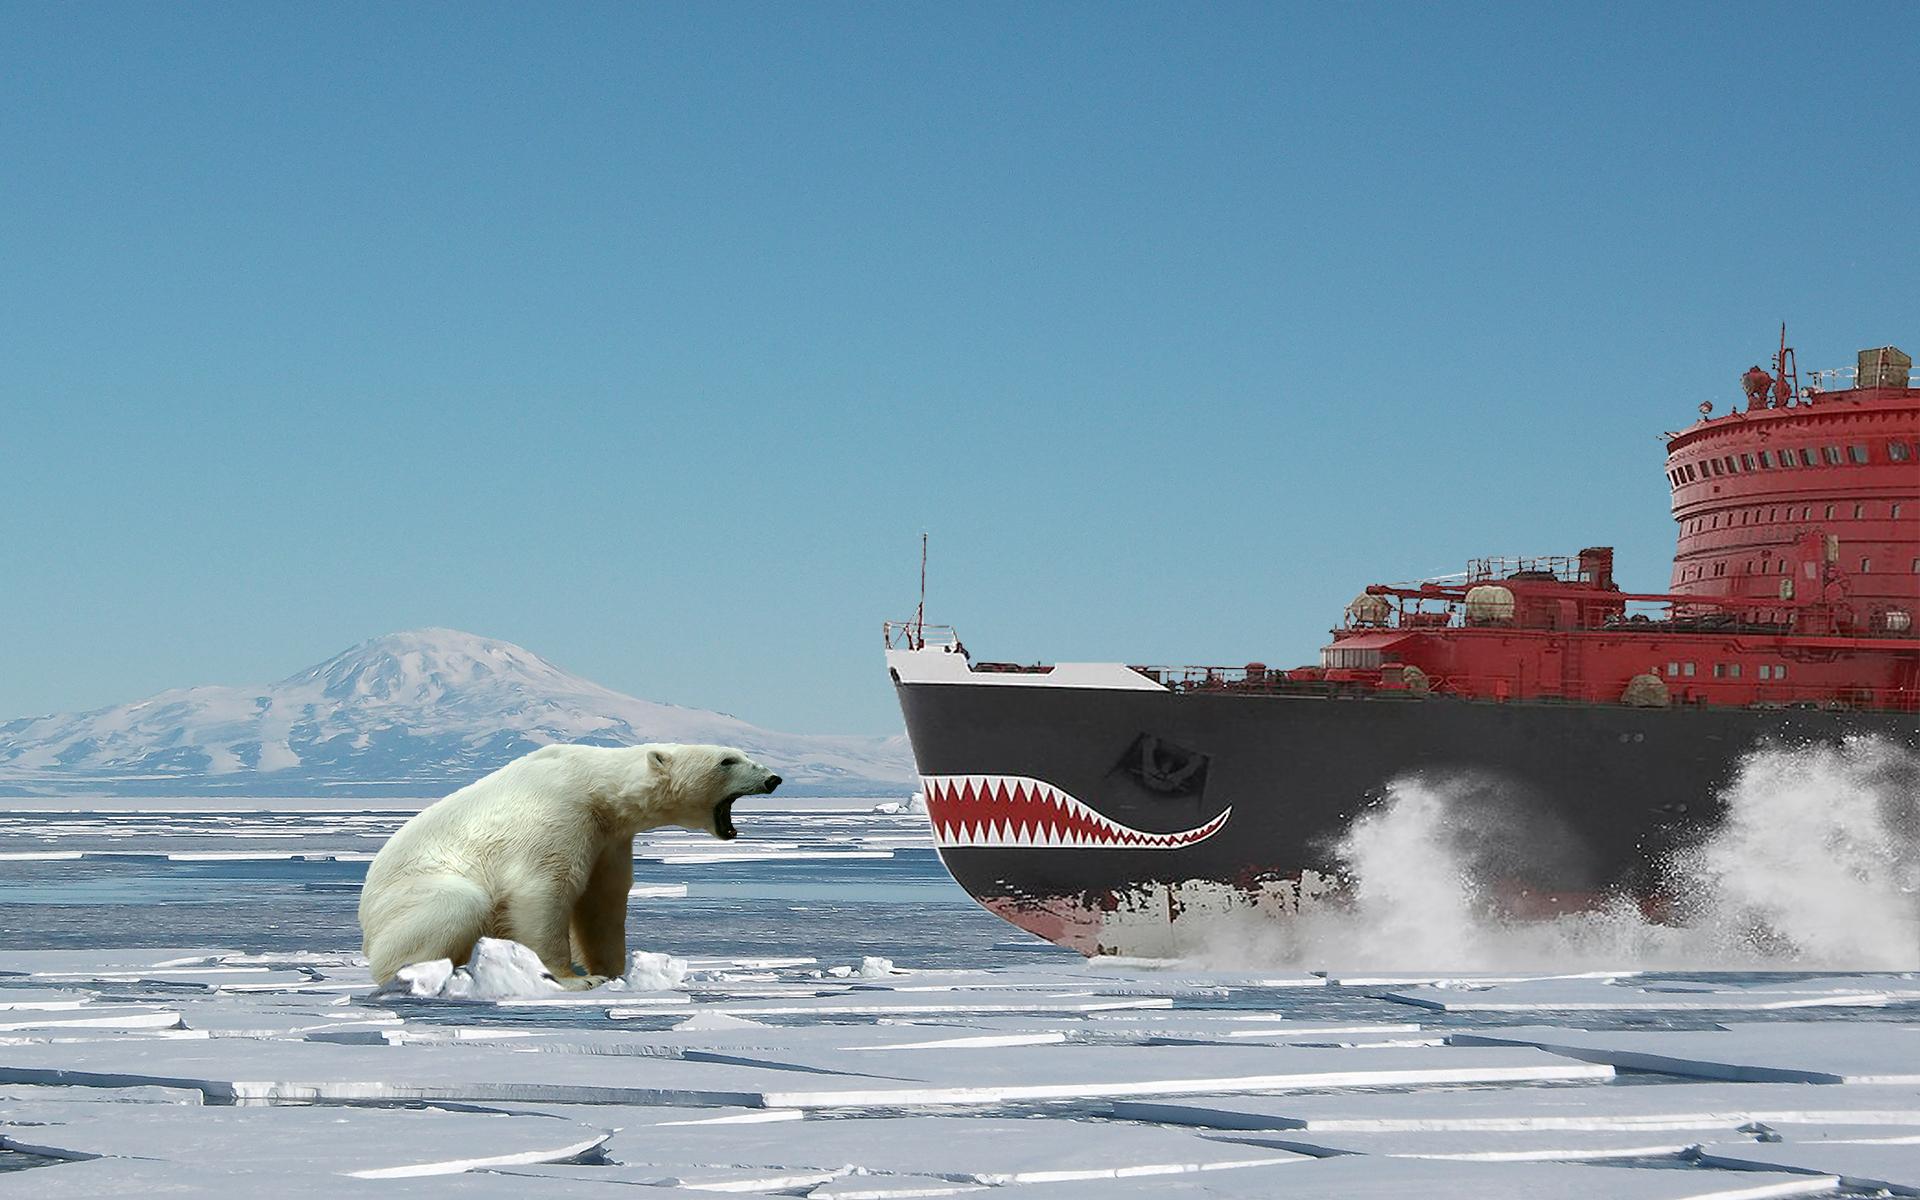 объясняет, какую фото русского ледокола в арктике этот день